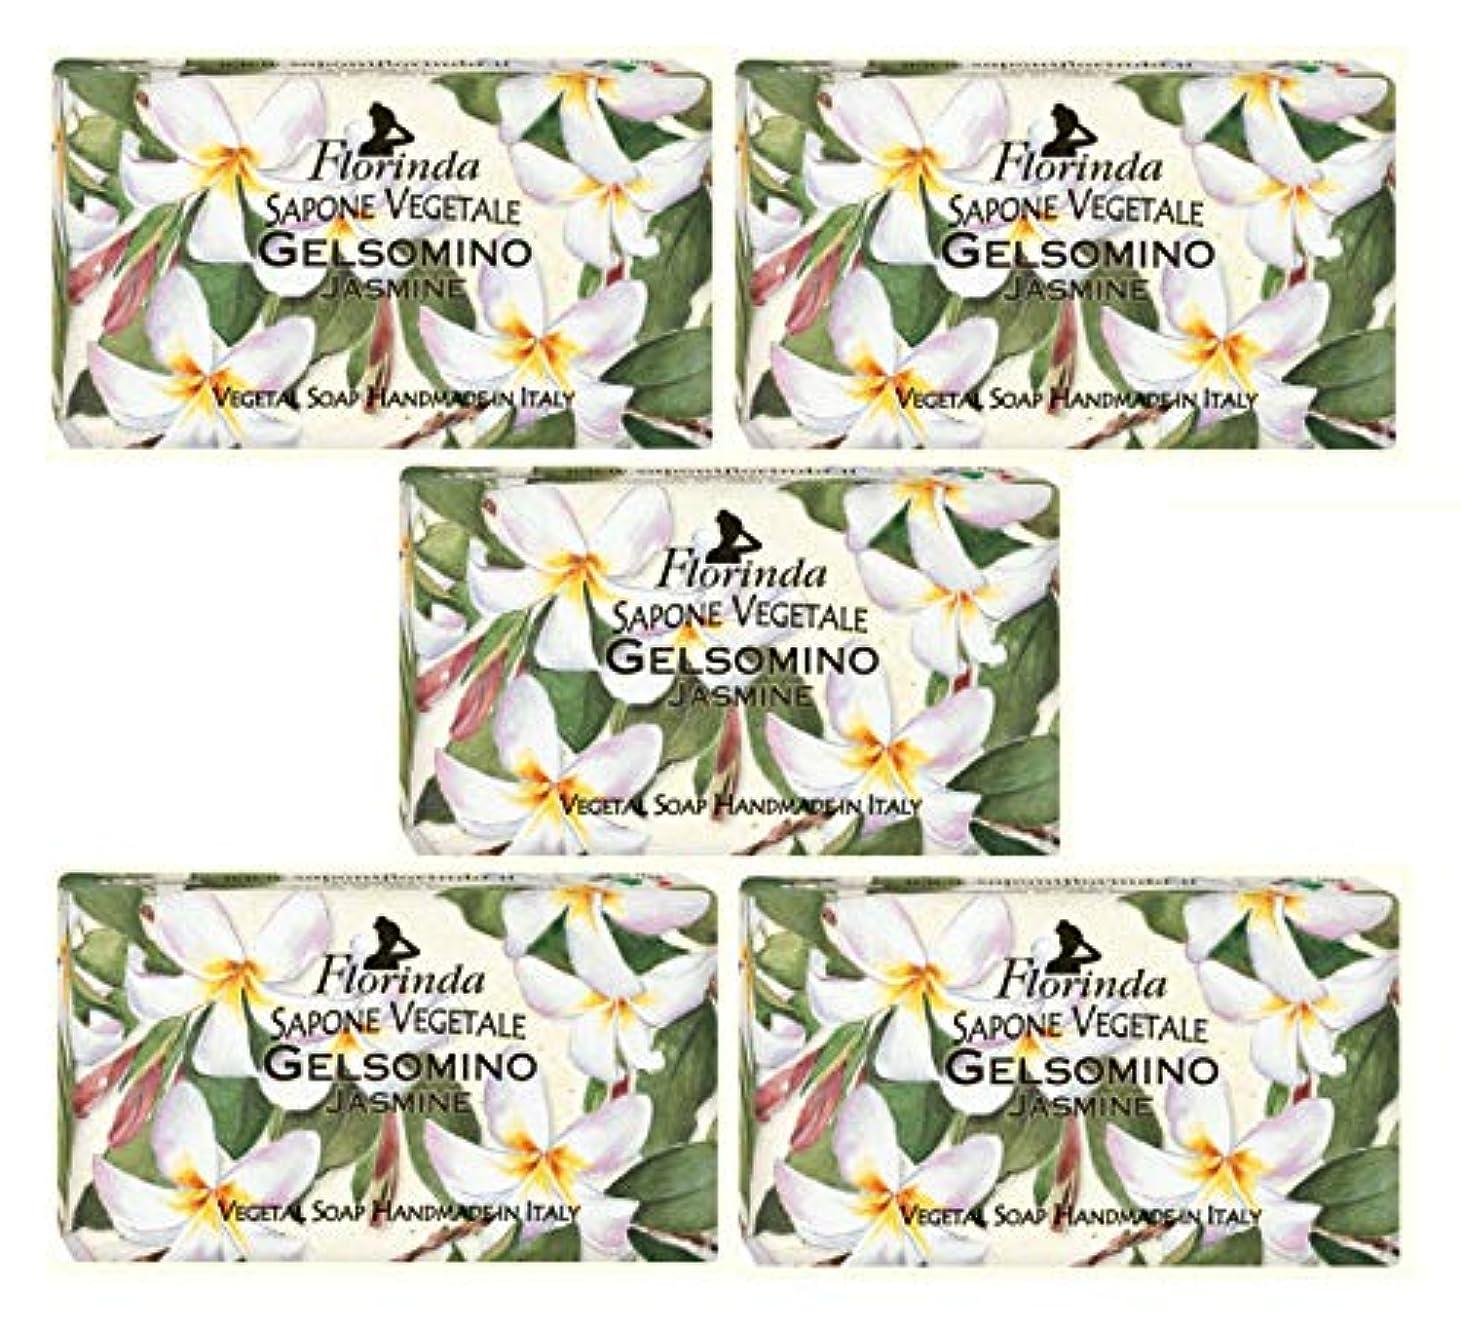 肥料参照開拓者フロリンダ フレグランスソープ 固形石けん 花の香り ジャスミン 95g×5個セット